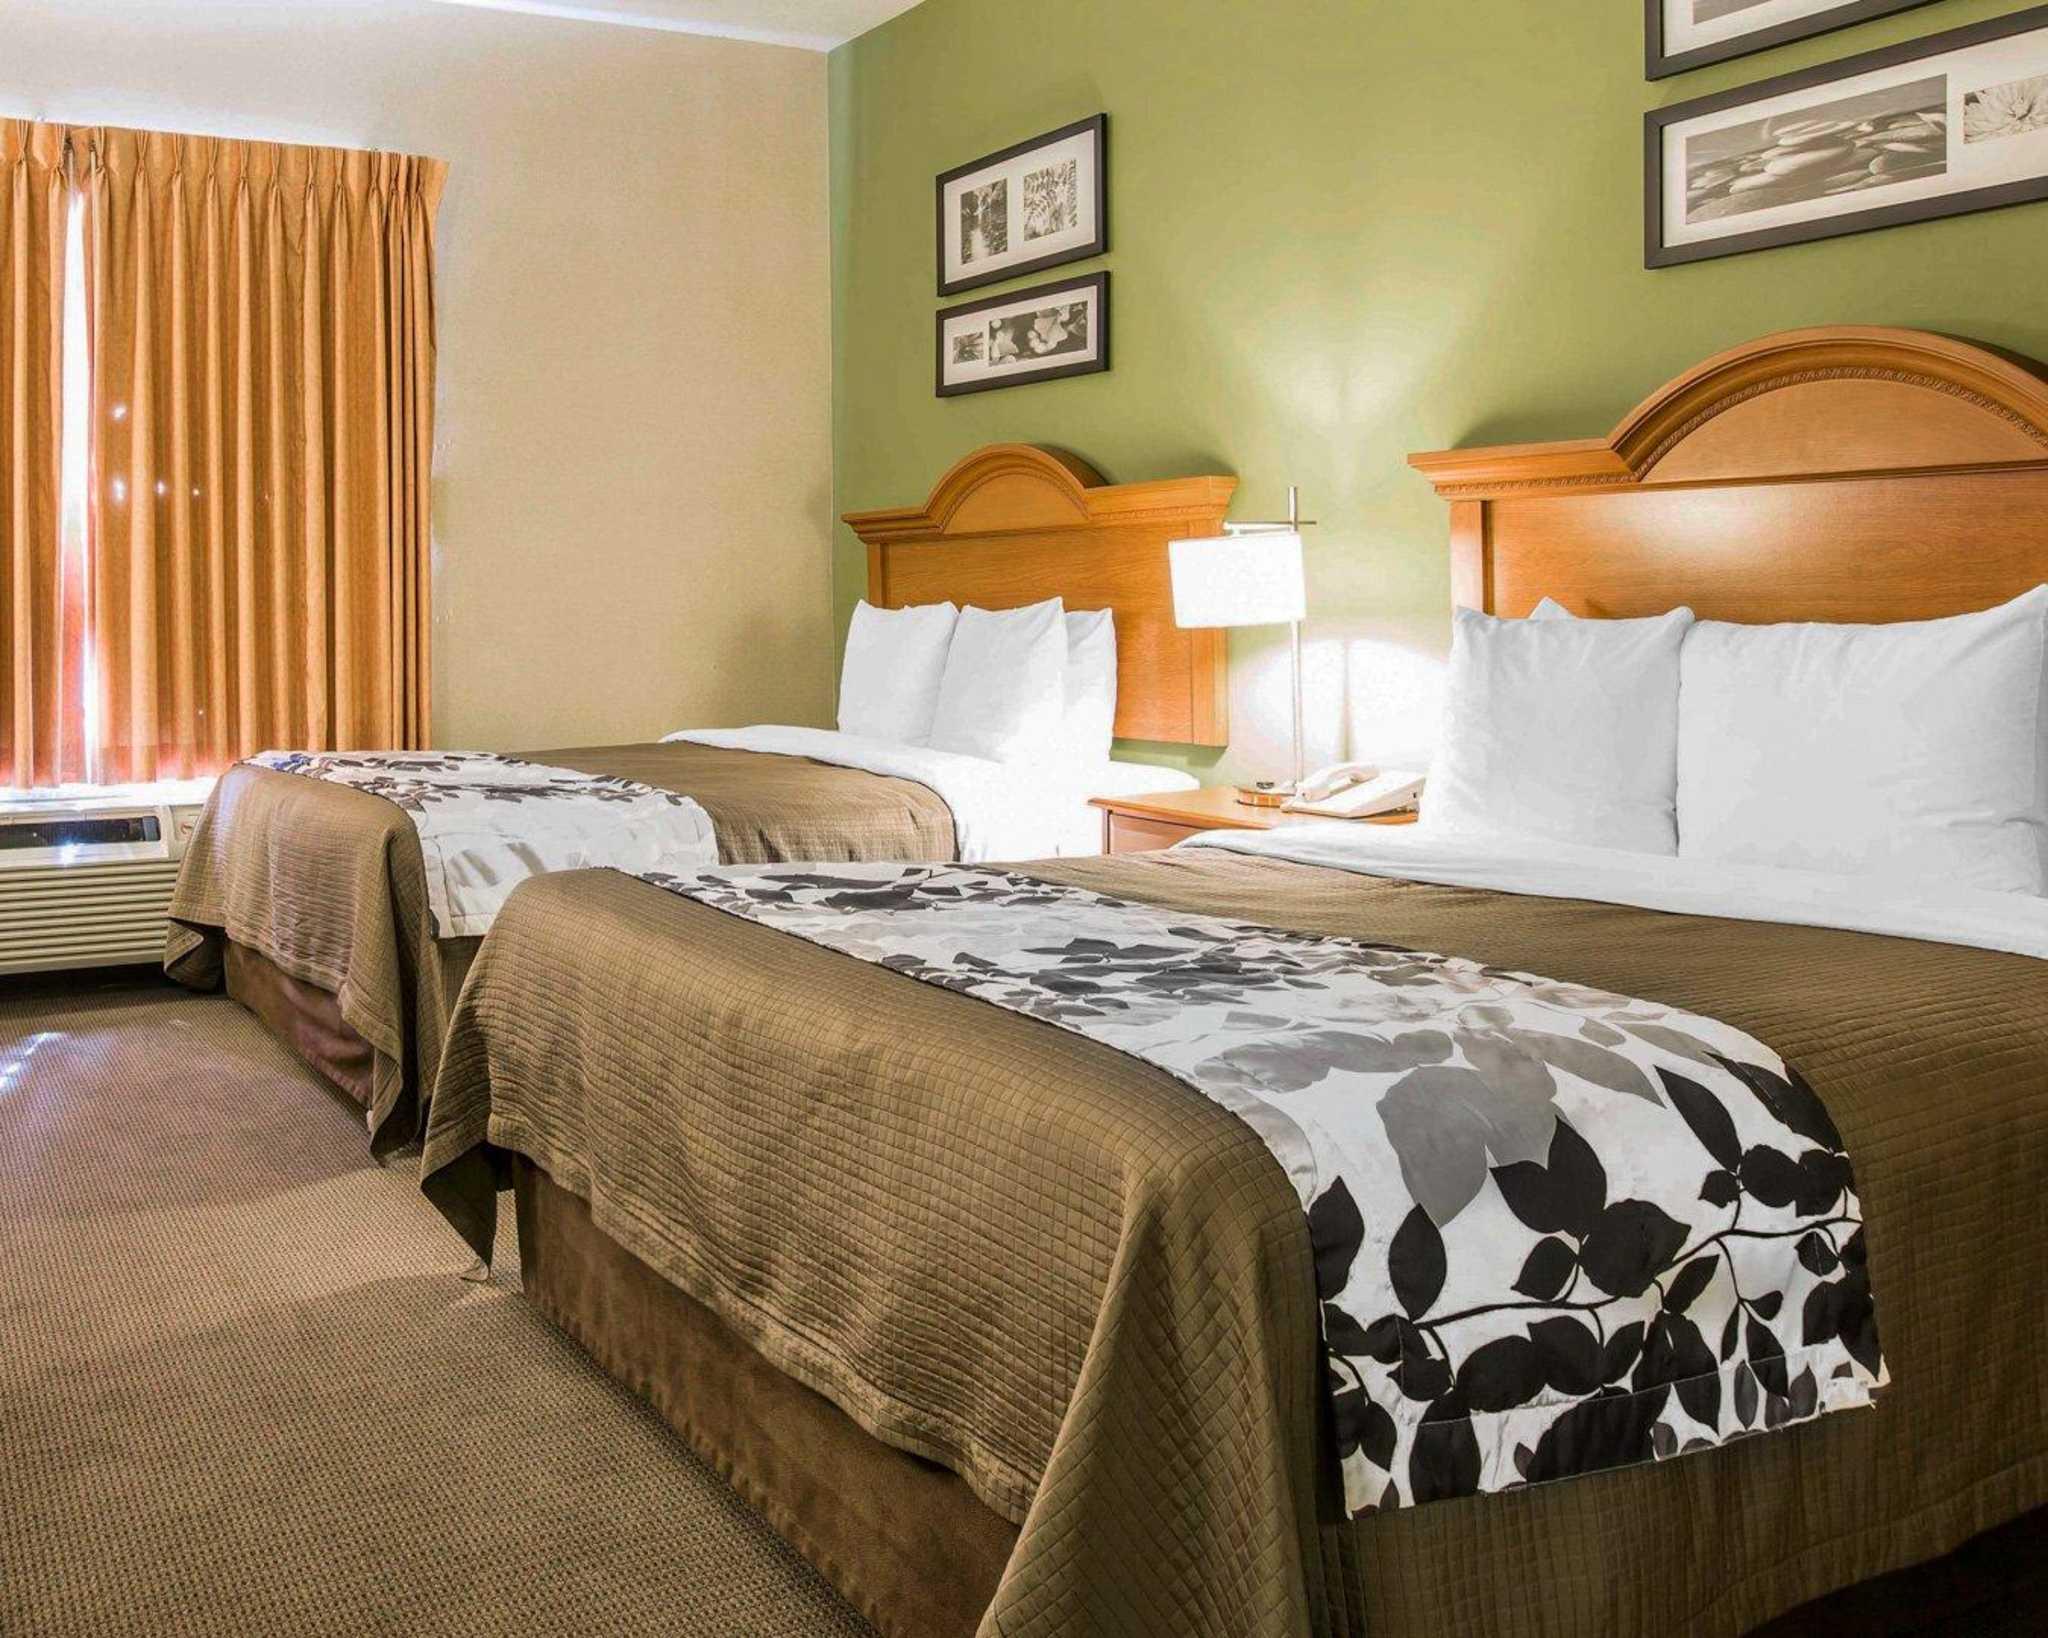 Sleep Inn & Suites image 6